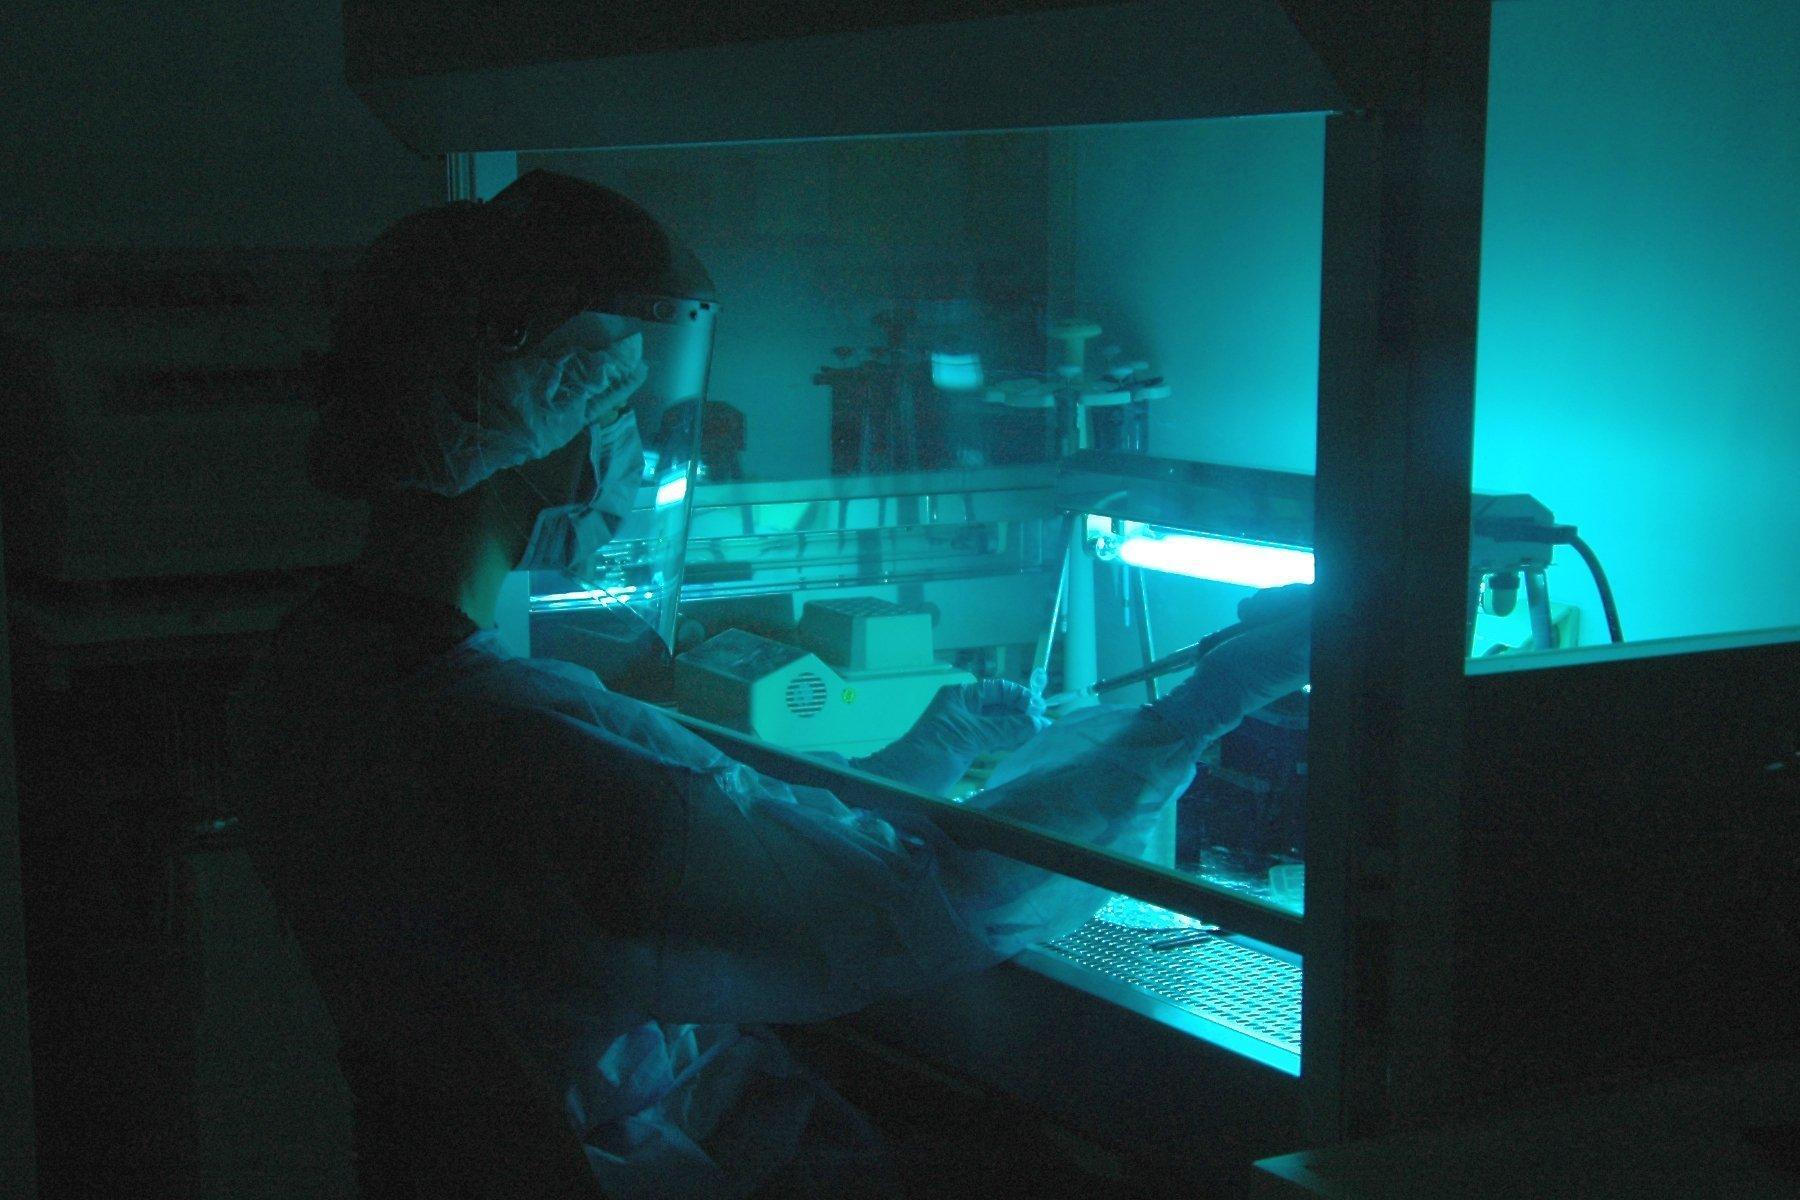 Im schummerigen, bläulichen Licht eines Labors arbeitet eine Forscherin, die mit weißem Kittel, Handschuhen, Haarhaube und Mundschutz ausgestattet ist. Höchste Reinheit ist Voraussetzung bei der Analyse uralter Erbsubstanz am Max-Planck-Institut für evolutionäre Anthropologie in Leipzig. Die Analysen ergaben: Ein von Neandertalern stammendes Stück Erbsubstanz sorgt bei heutigen Menschen dafür, dass eine Corona-Infektion einen besonders schweren Verlauf nehmen kann.